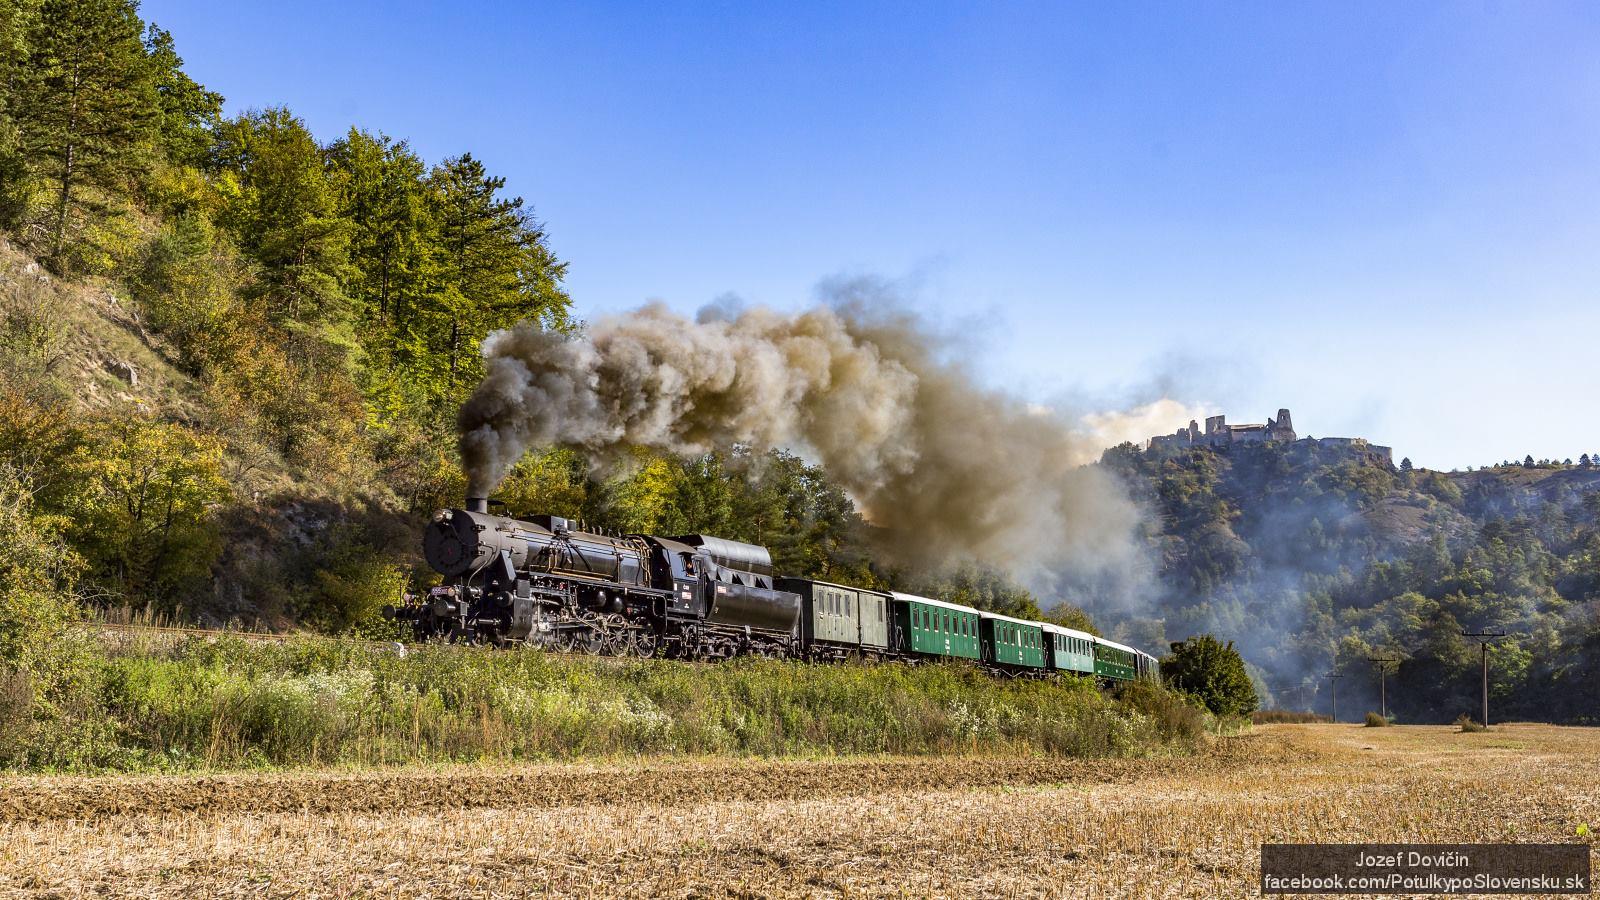 Parný vlak Mazutka a Čachtický hrad